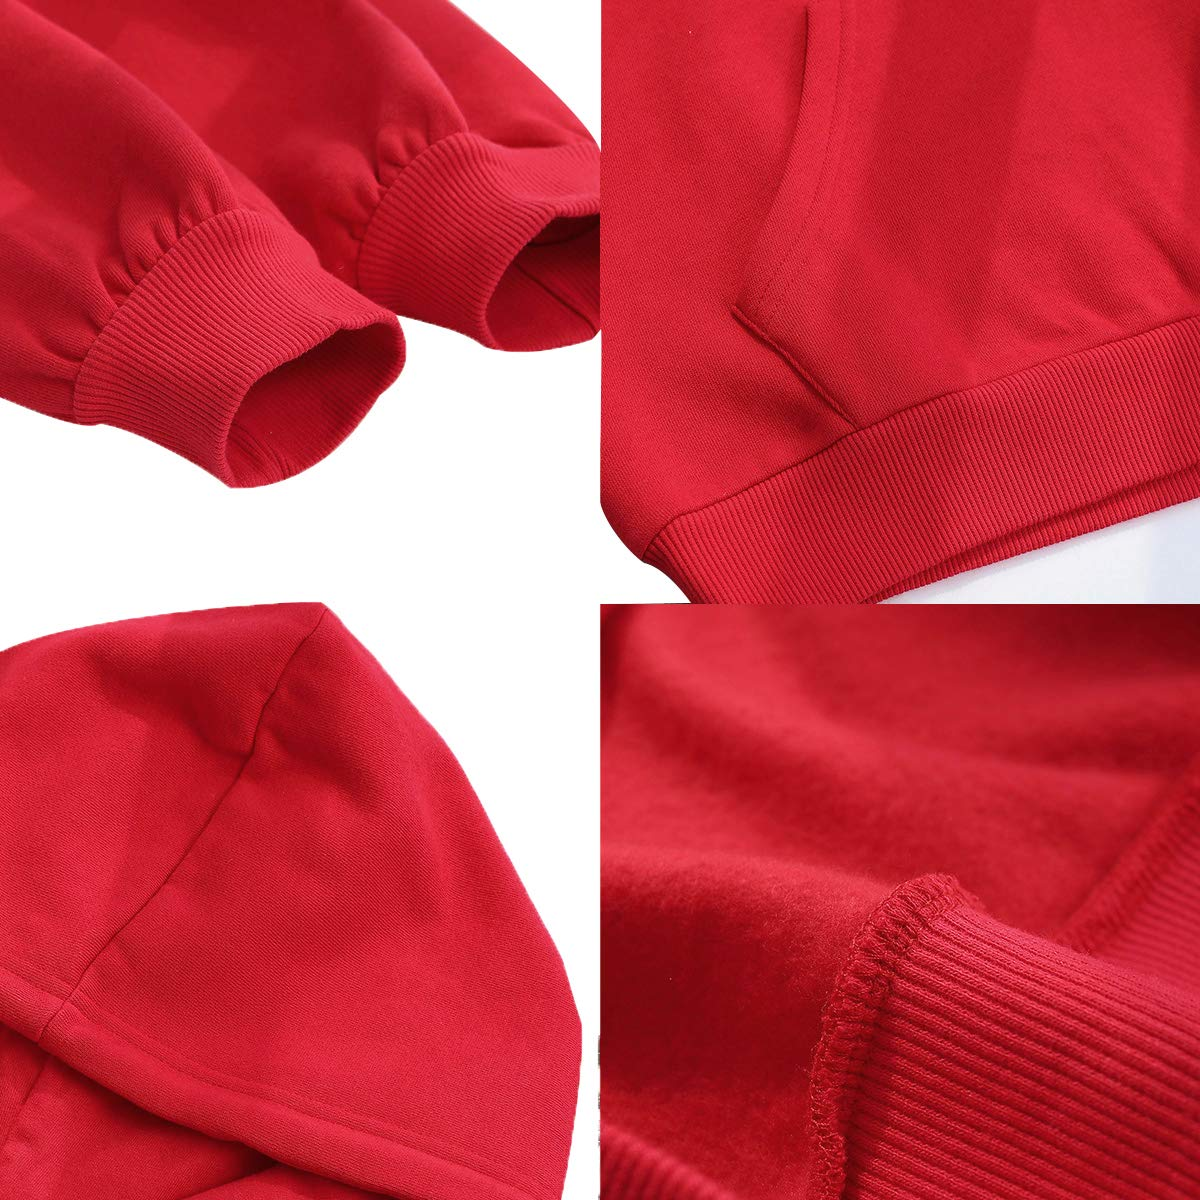 Fashion Hoodies (Red, Medium)